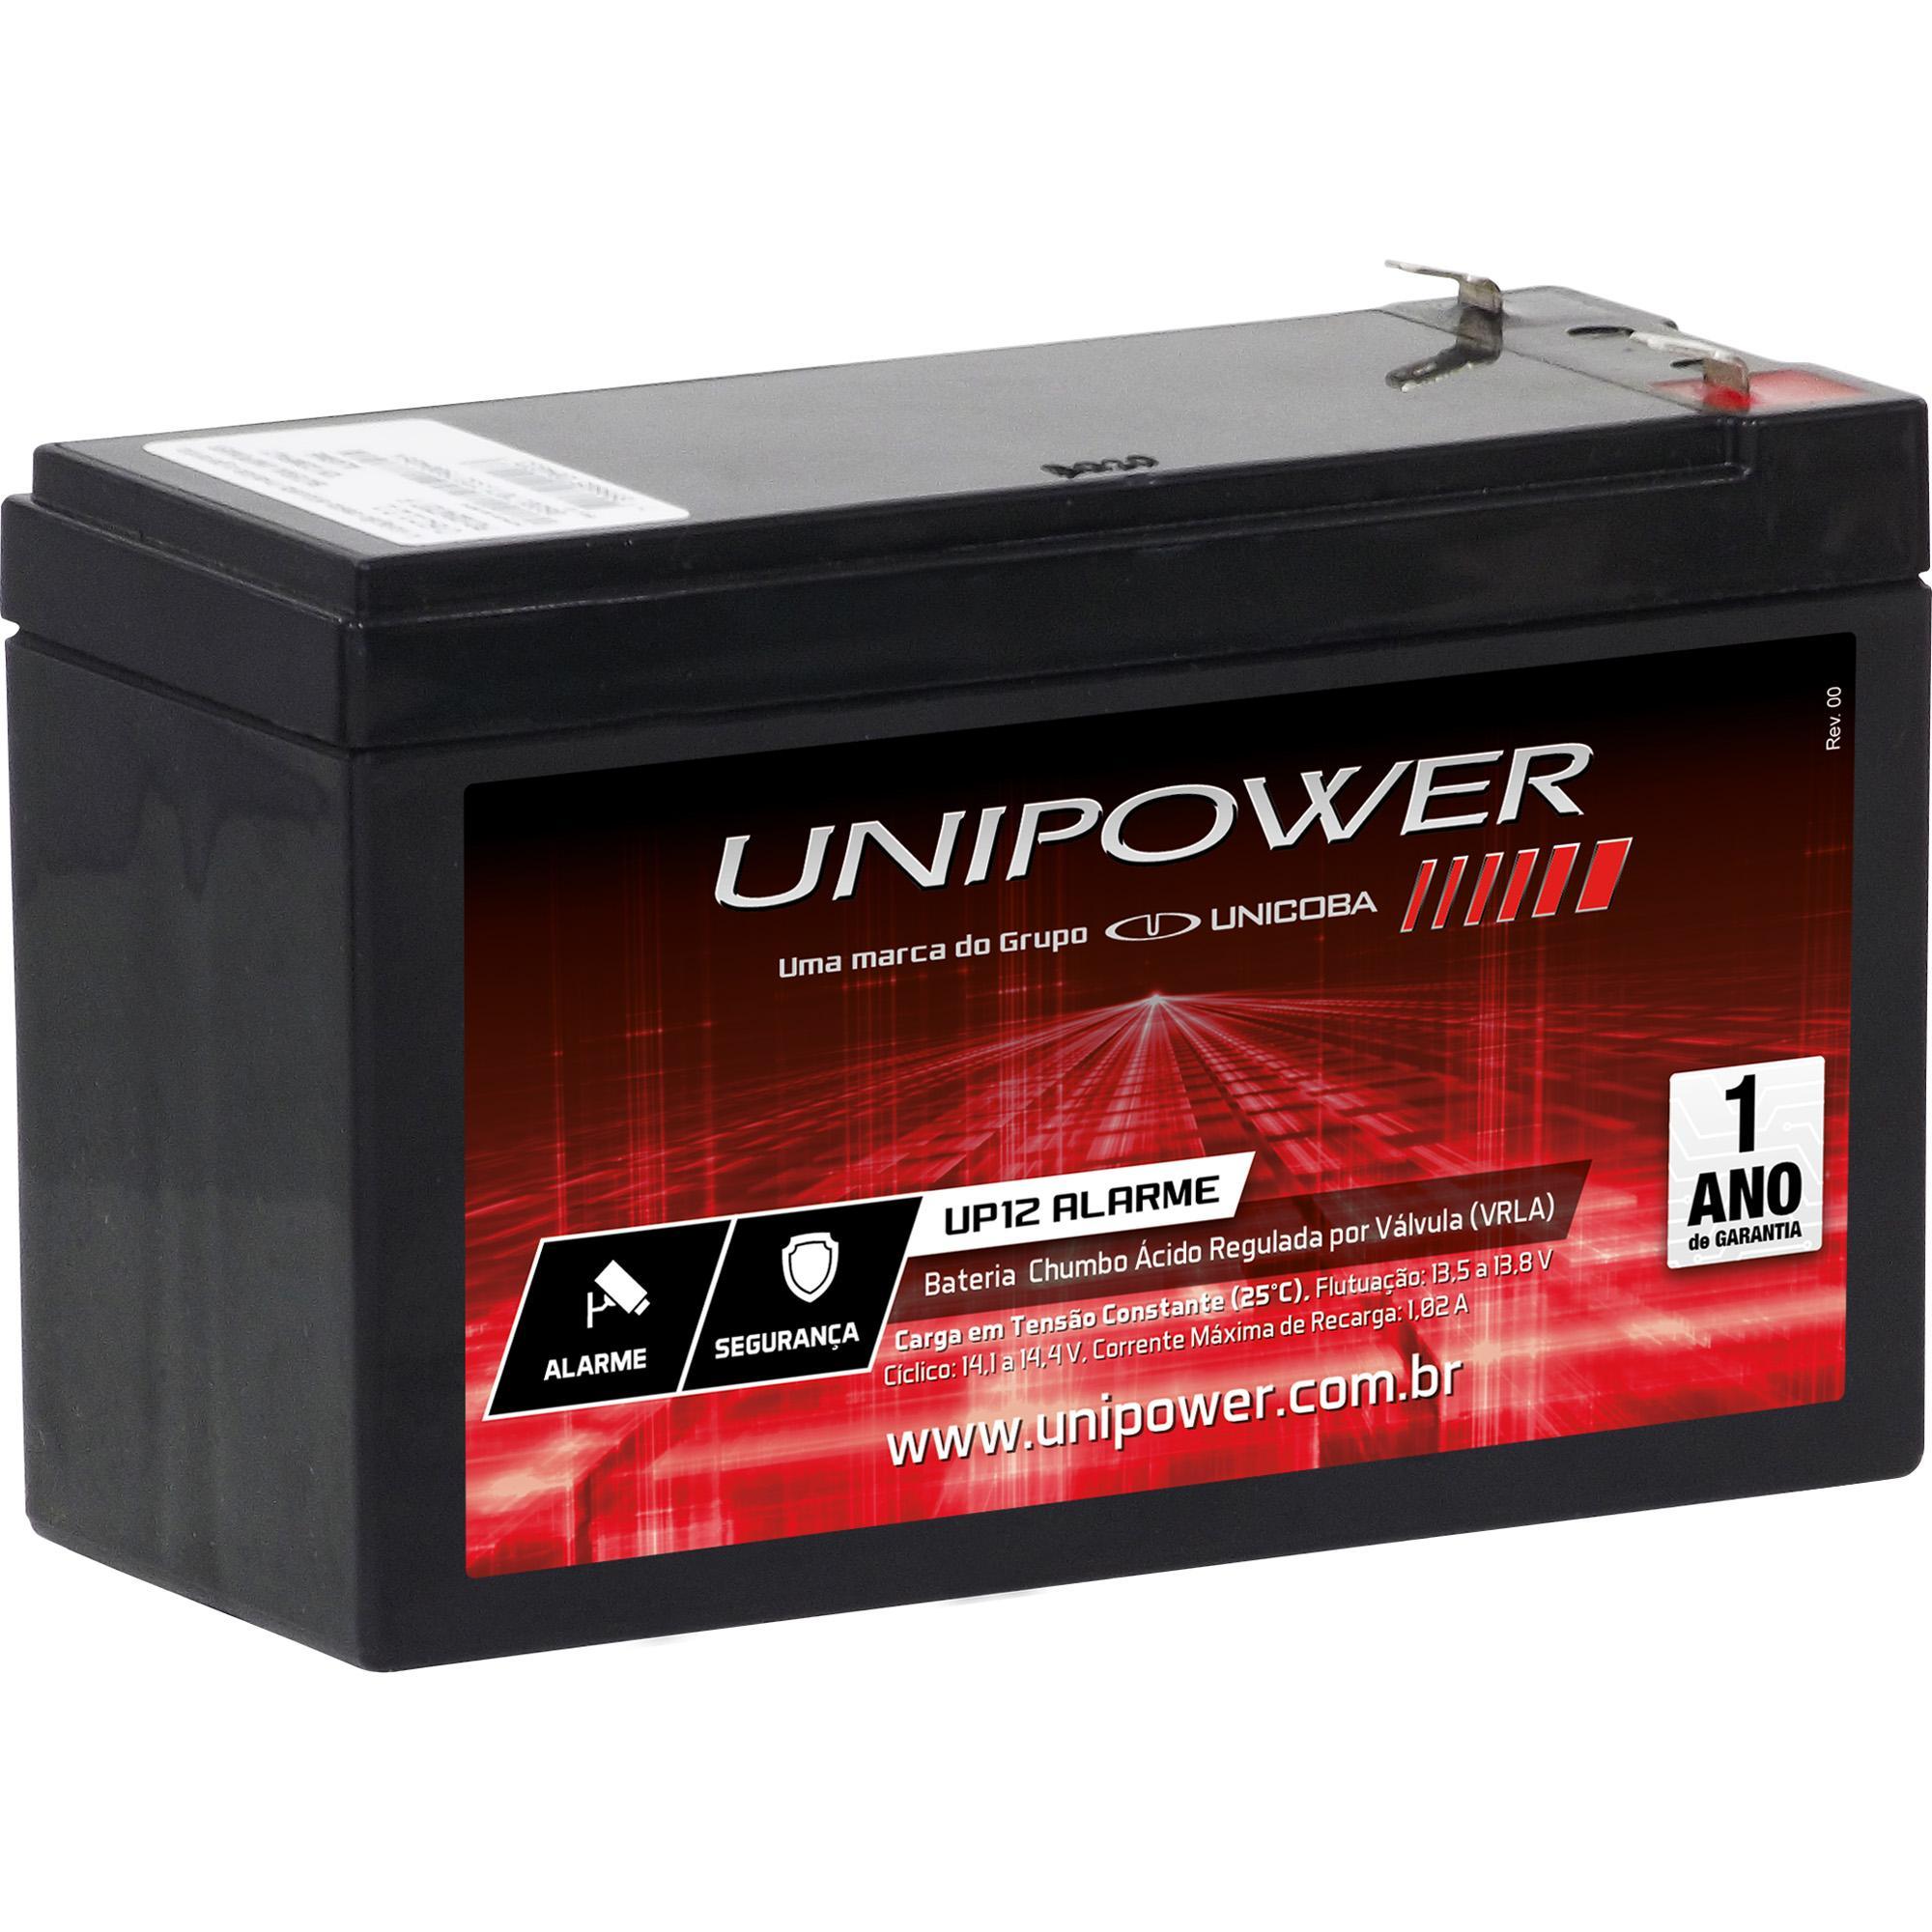 Bateria de alarme unipower Unicoba 12V 7A UP12 ALARME  - JS Soluções em Segurança